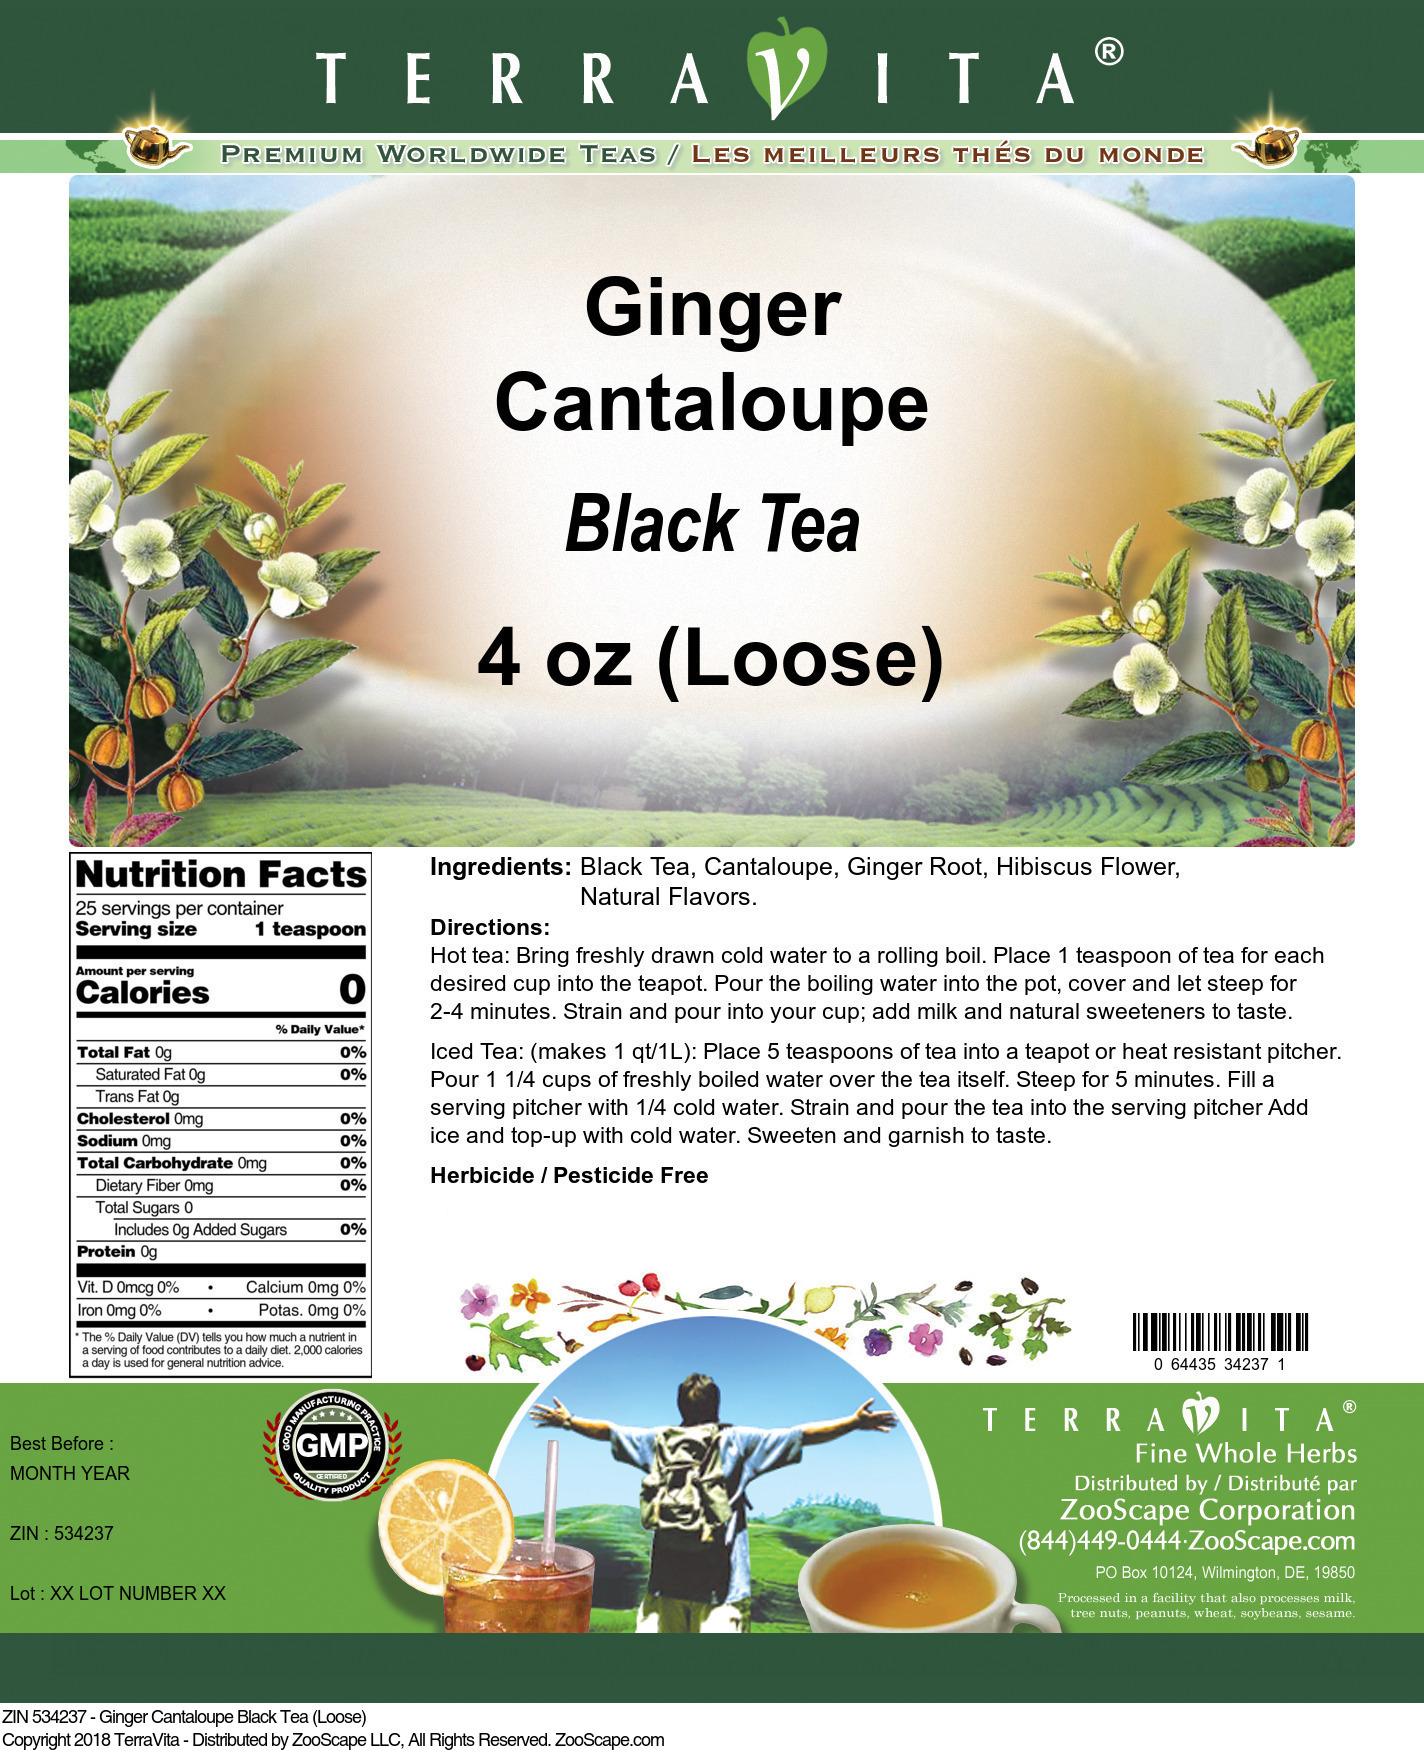 Ginger Cantaloupe Black Tea (Loose)